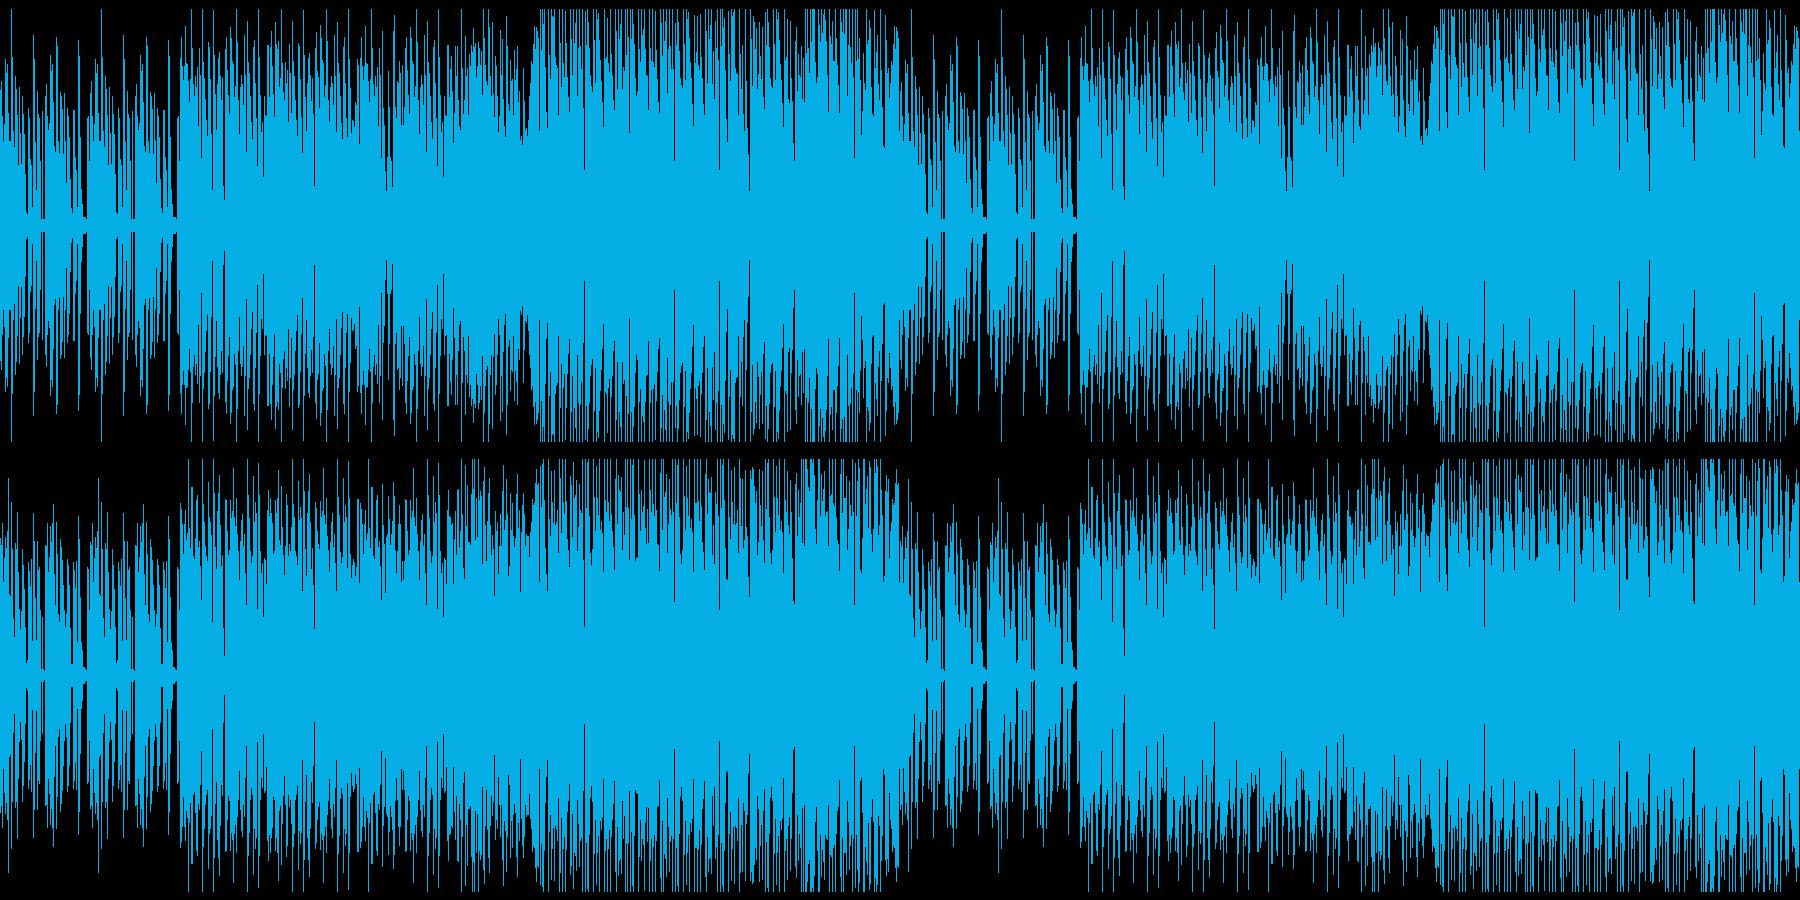 【不気味でダークなダブステップ】の再生済みの波形